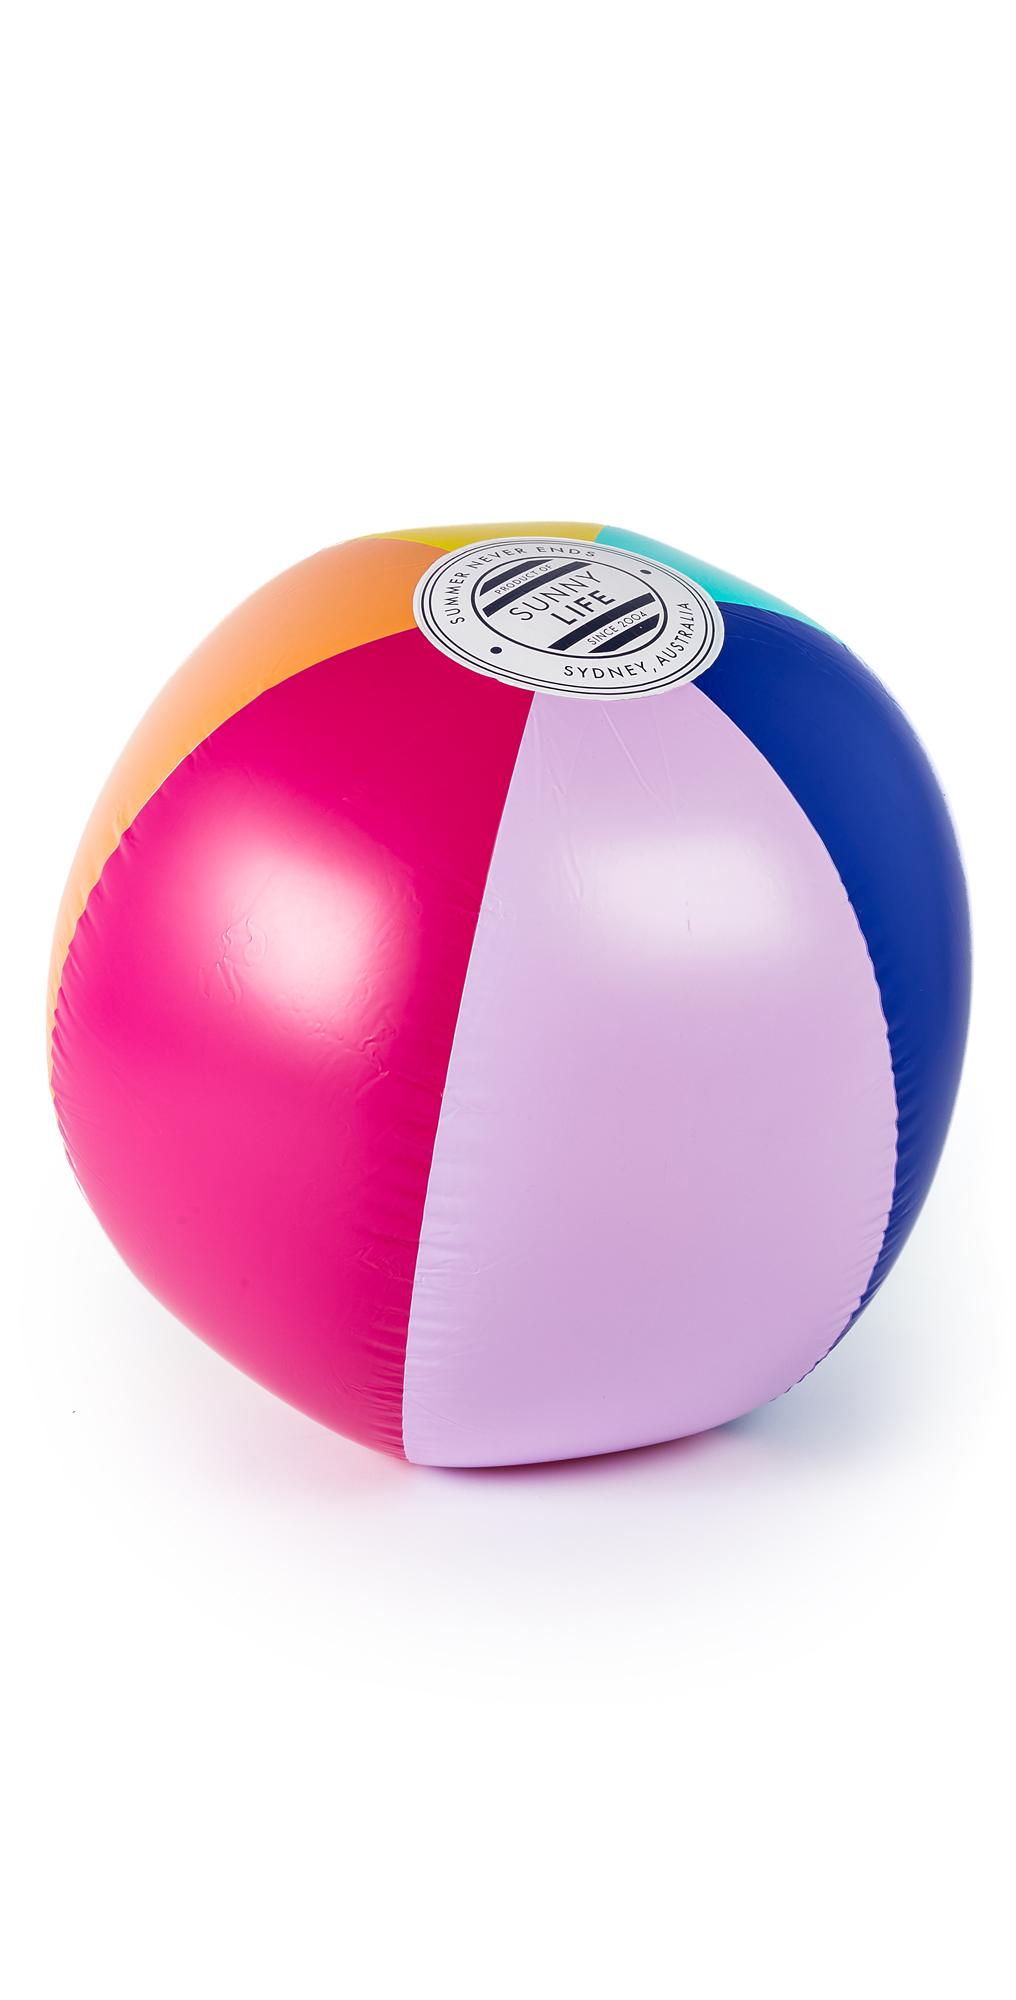 XL Havana Inflatable Beach Ball SunnyLife